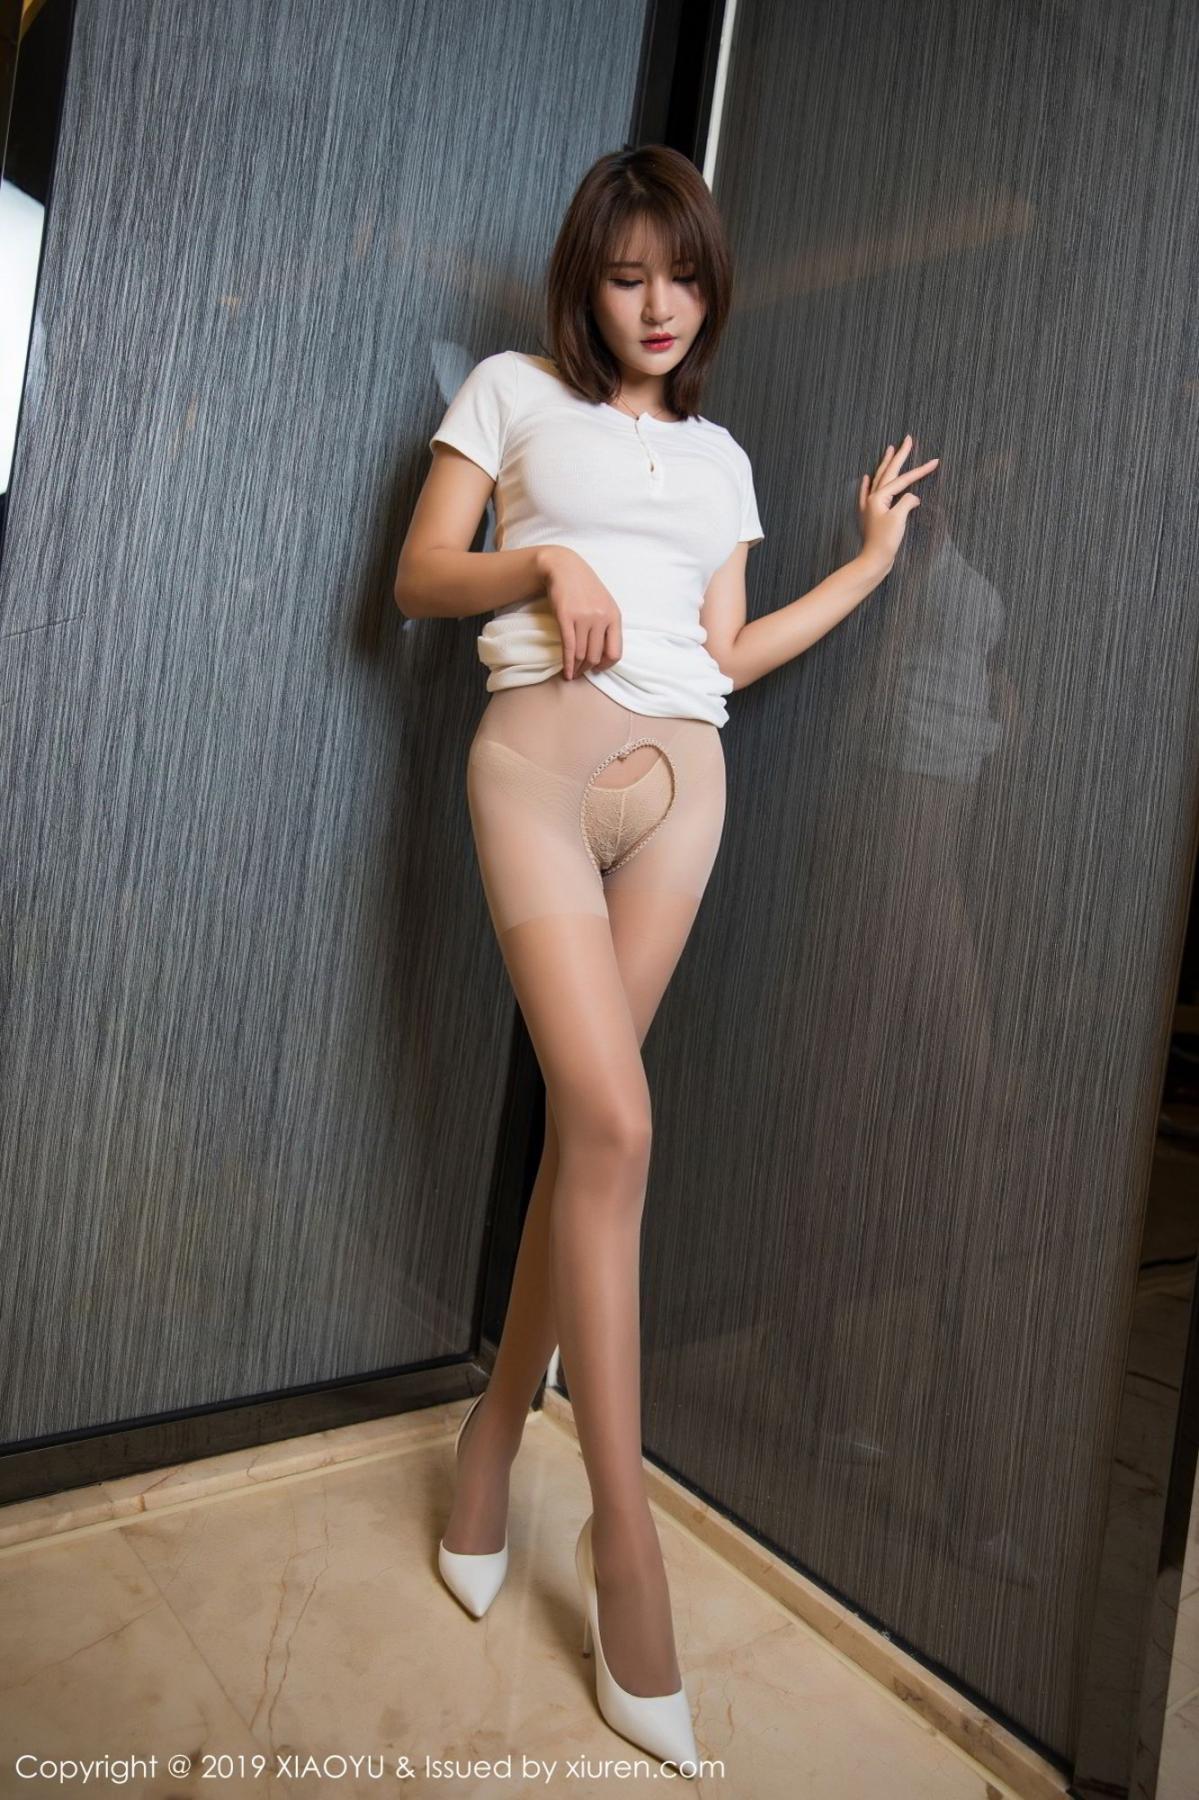 [XiaoYu] Vol.112 Solo Yi Fei 10P, Solo Yi Fei, Underwear, XiaoYu